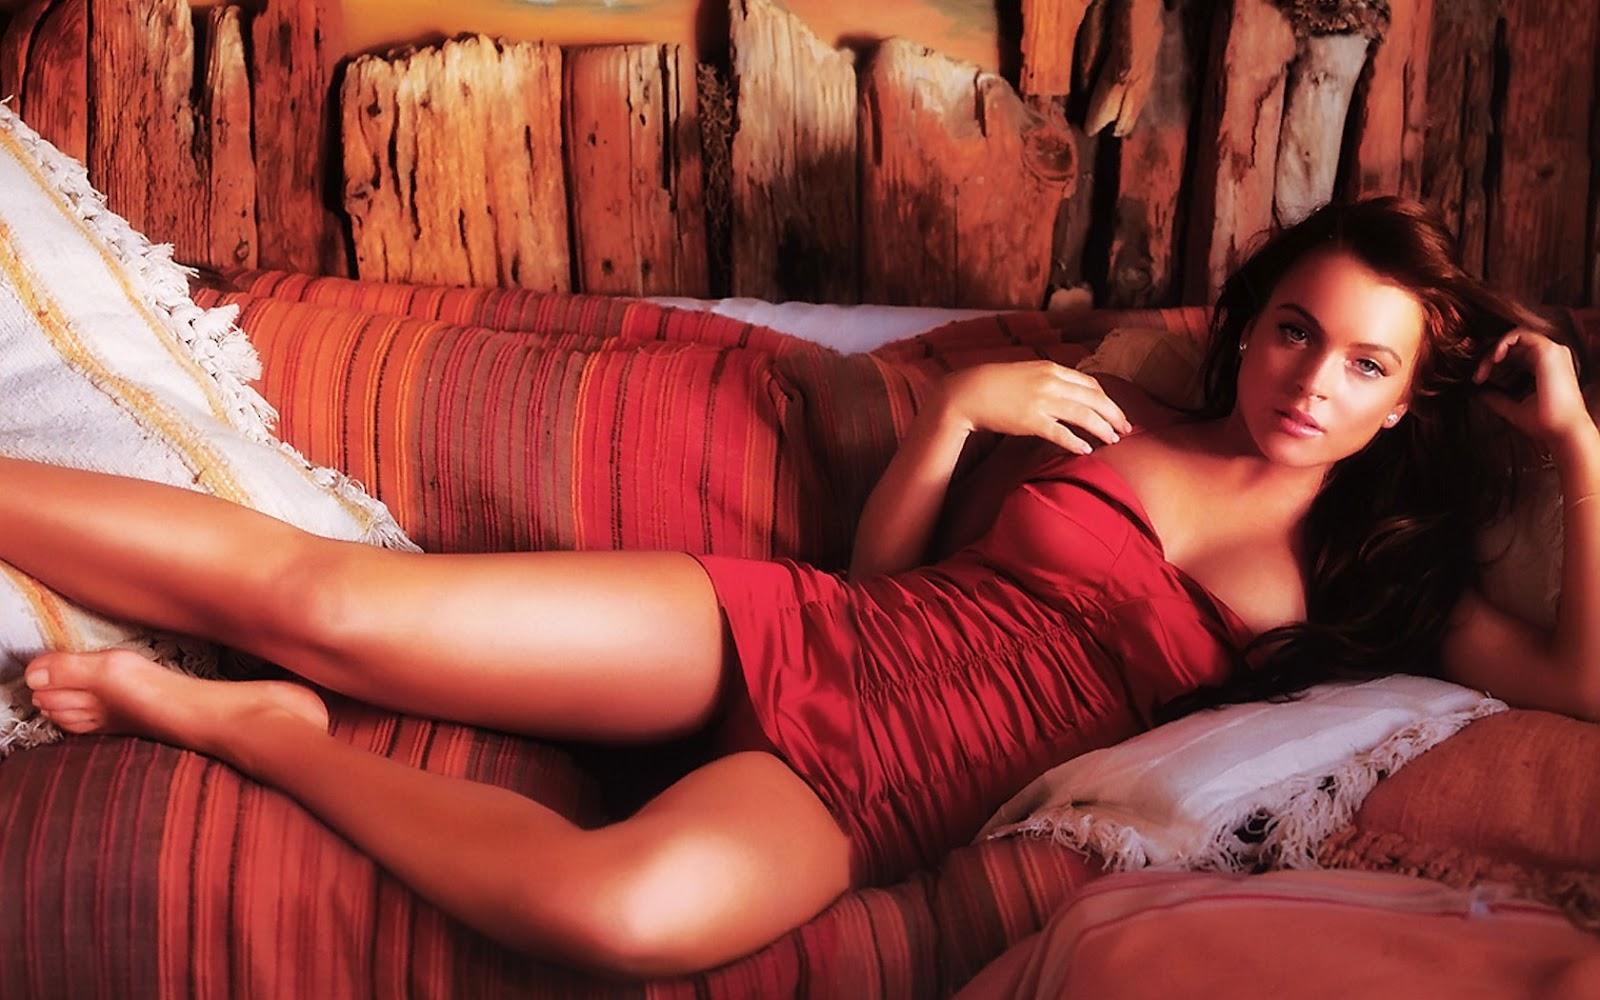 http://3.bp.blogspot.com/-PmBGaBjbfIc/T7_Jrga9ewI/AAAAAAAAAlo/ujivSl8RKnw/s1600/Lindsay+Lohan+esp%C3%A9rando+la+Noche+Buena.jpg